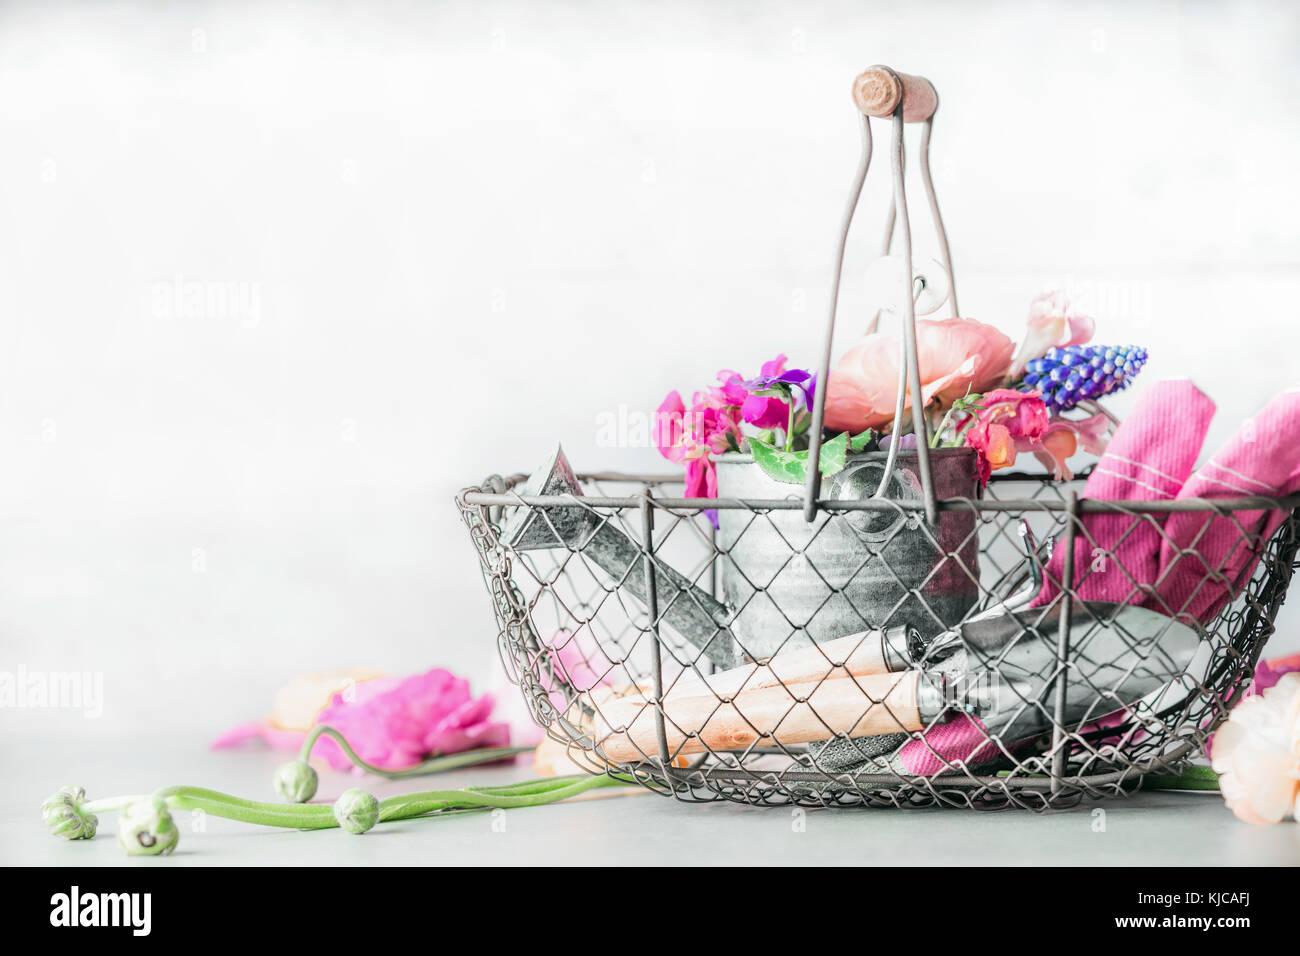 Joli cadre de jardinage avec arrosoir , panier, outils de jardinage ...